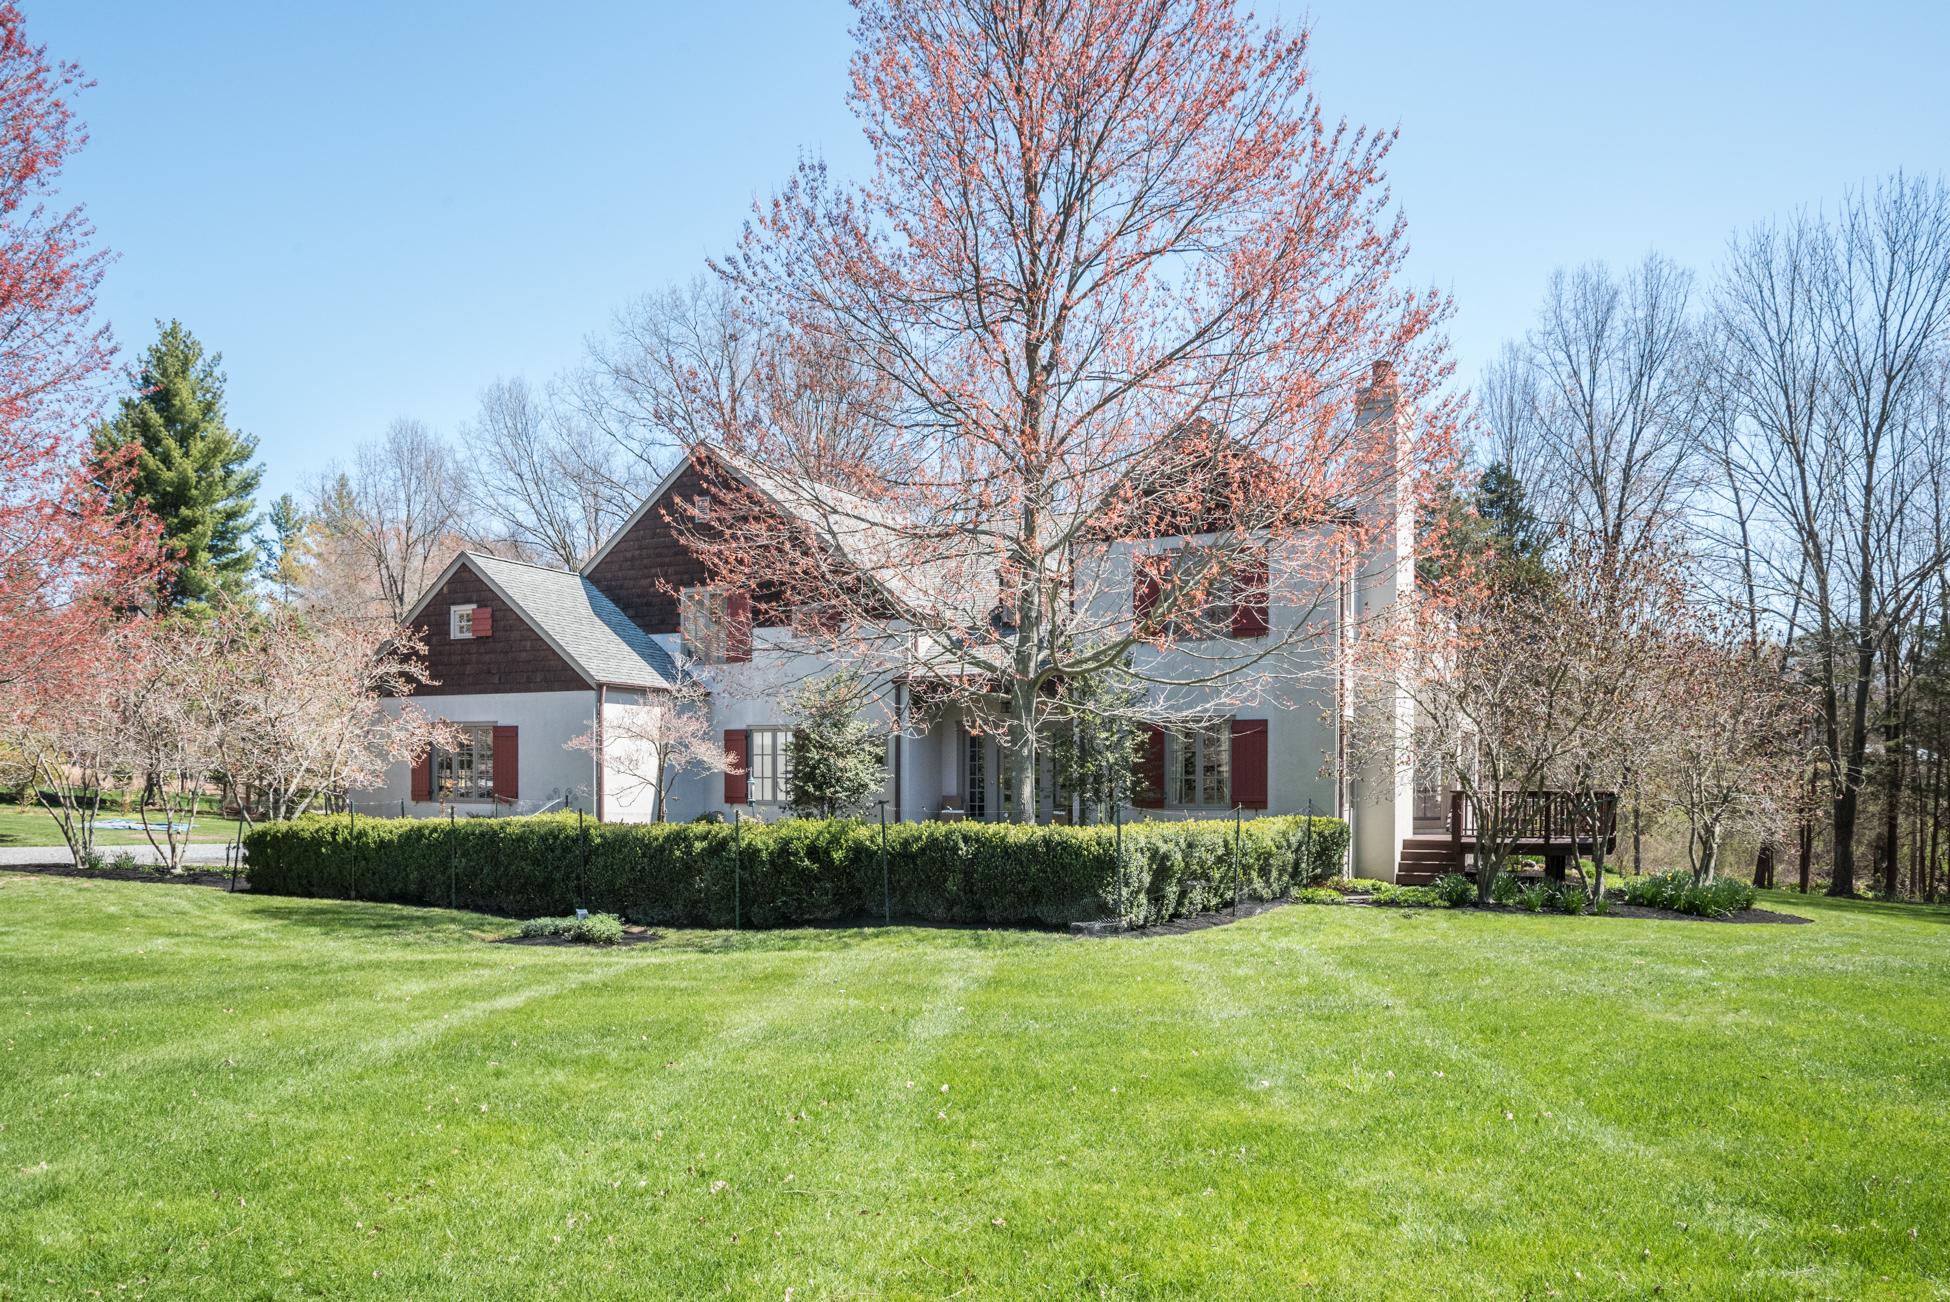 Maison unifamiliale pour l Vente à A Max Hayden Designed Gem 5 Timberbrooke Drive Hopewell, New Jersey, 08525 États-Unis